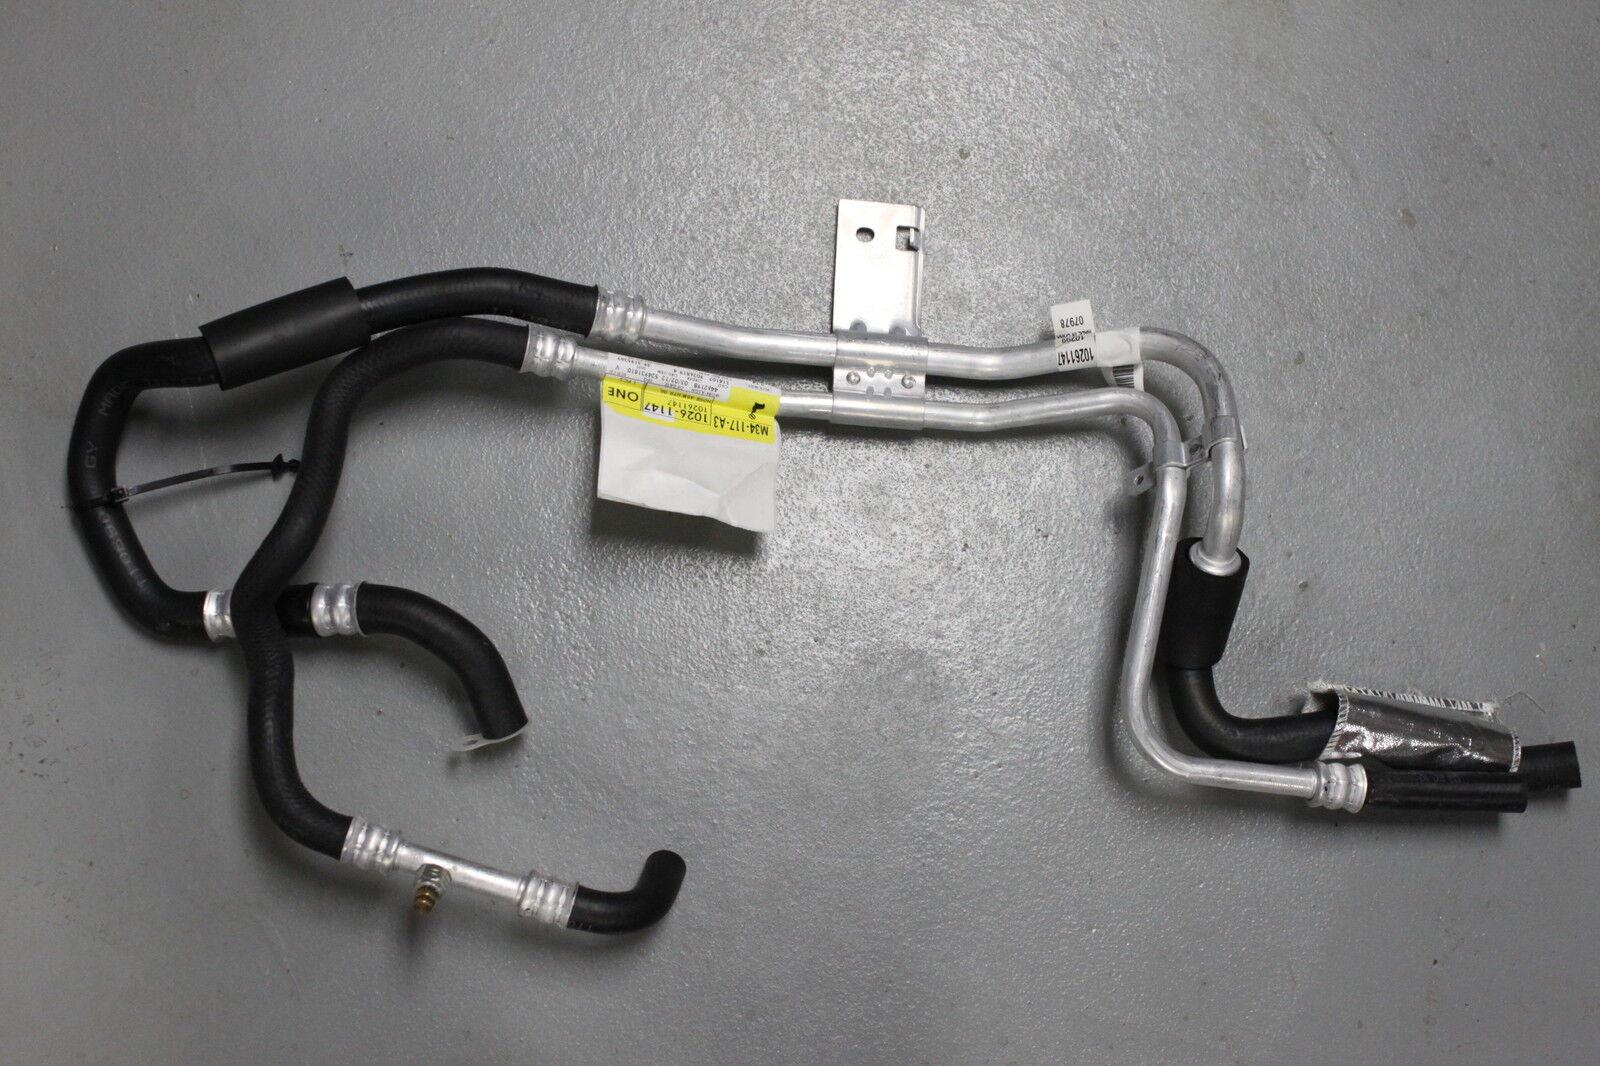 Heater Hose Diagram - Page 2 - Camaro Forums